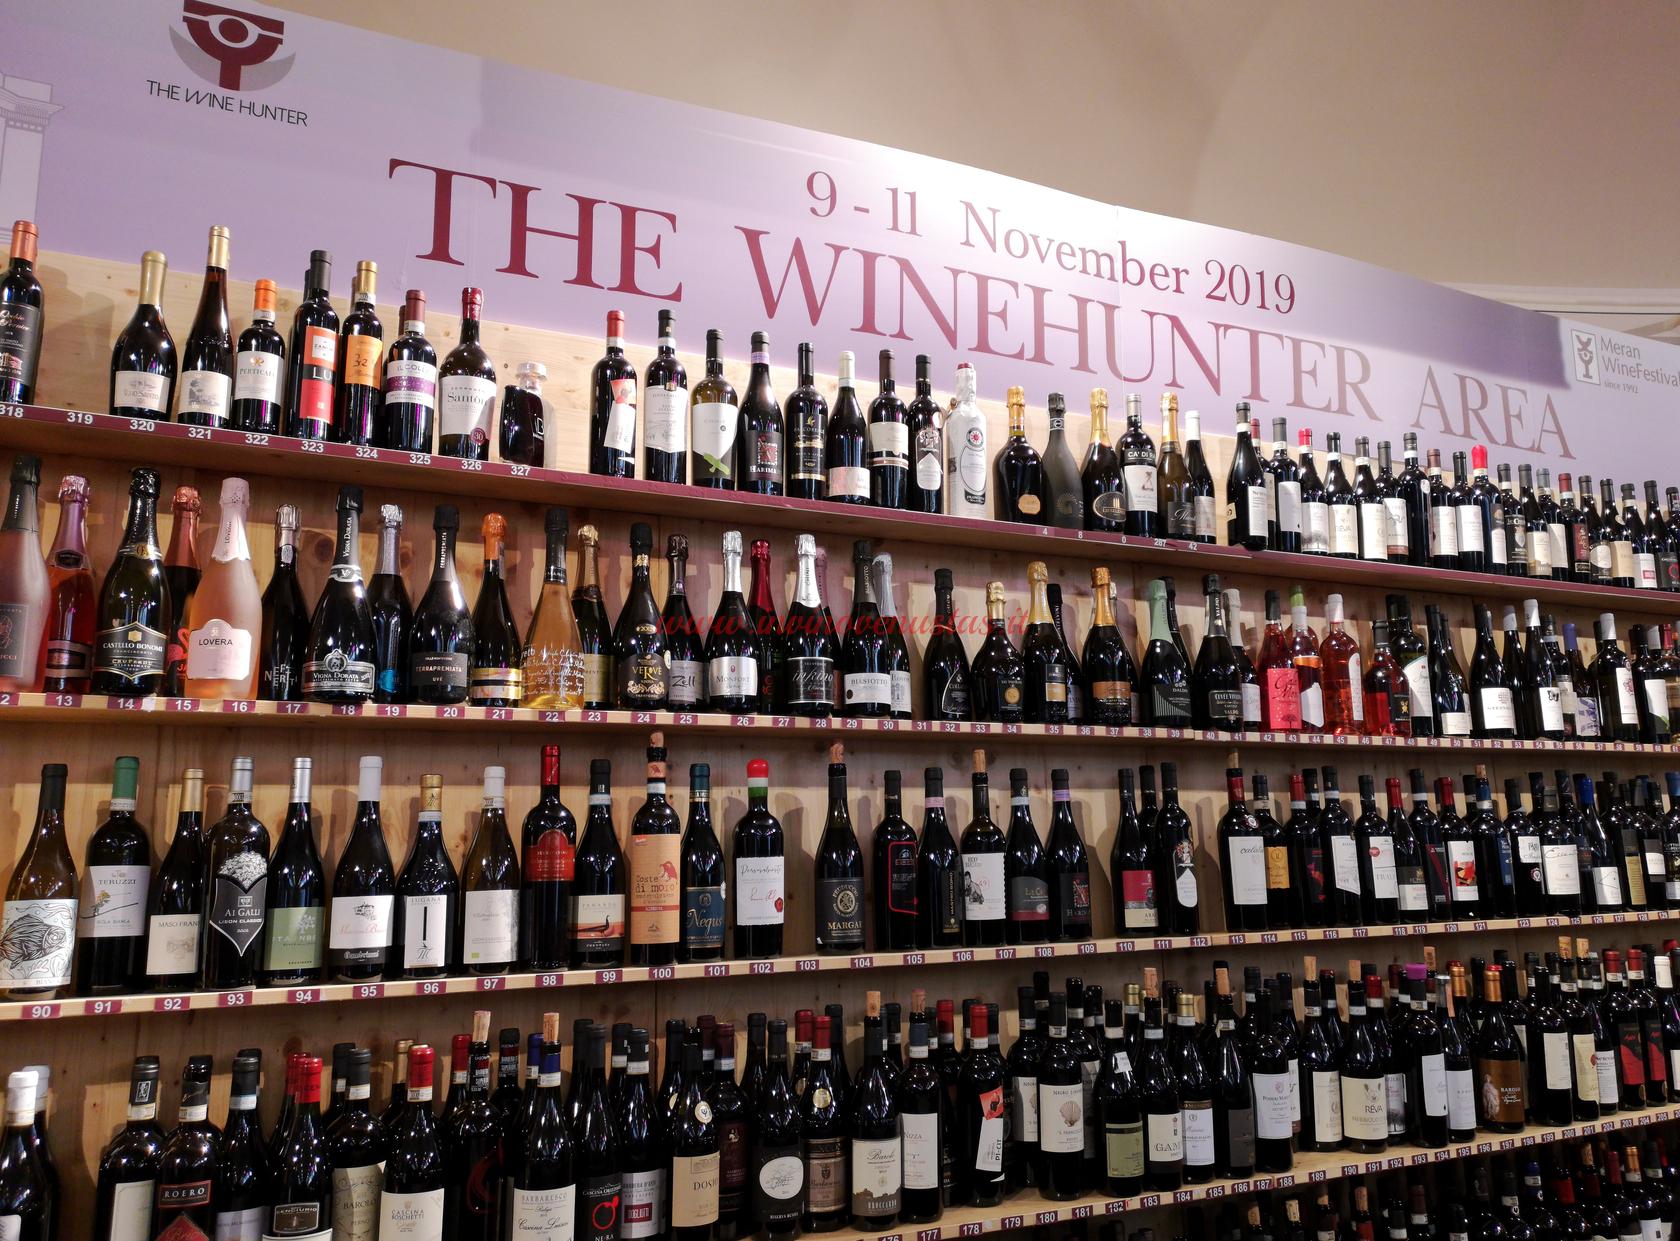 The WineHunter Area Merano Wine Festival 2019